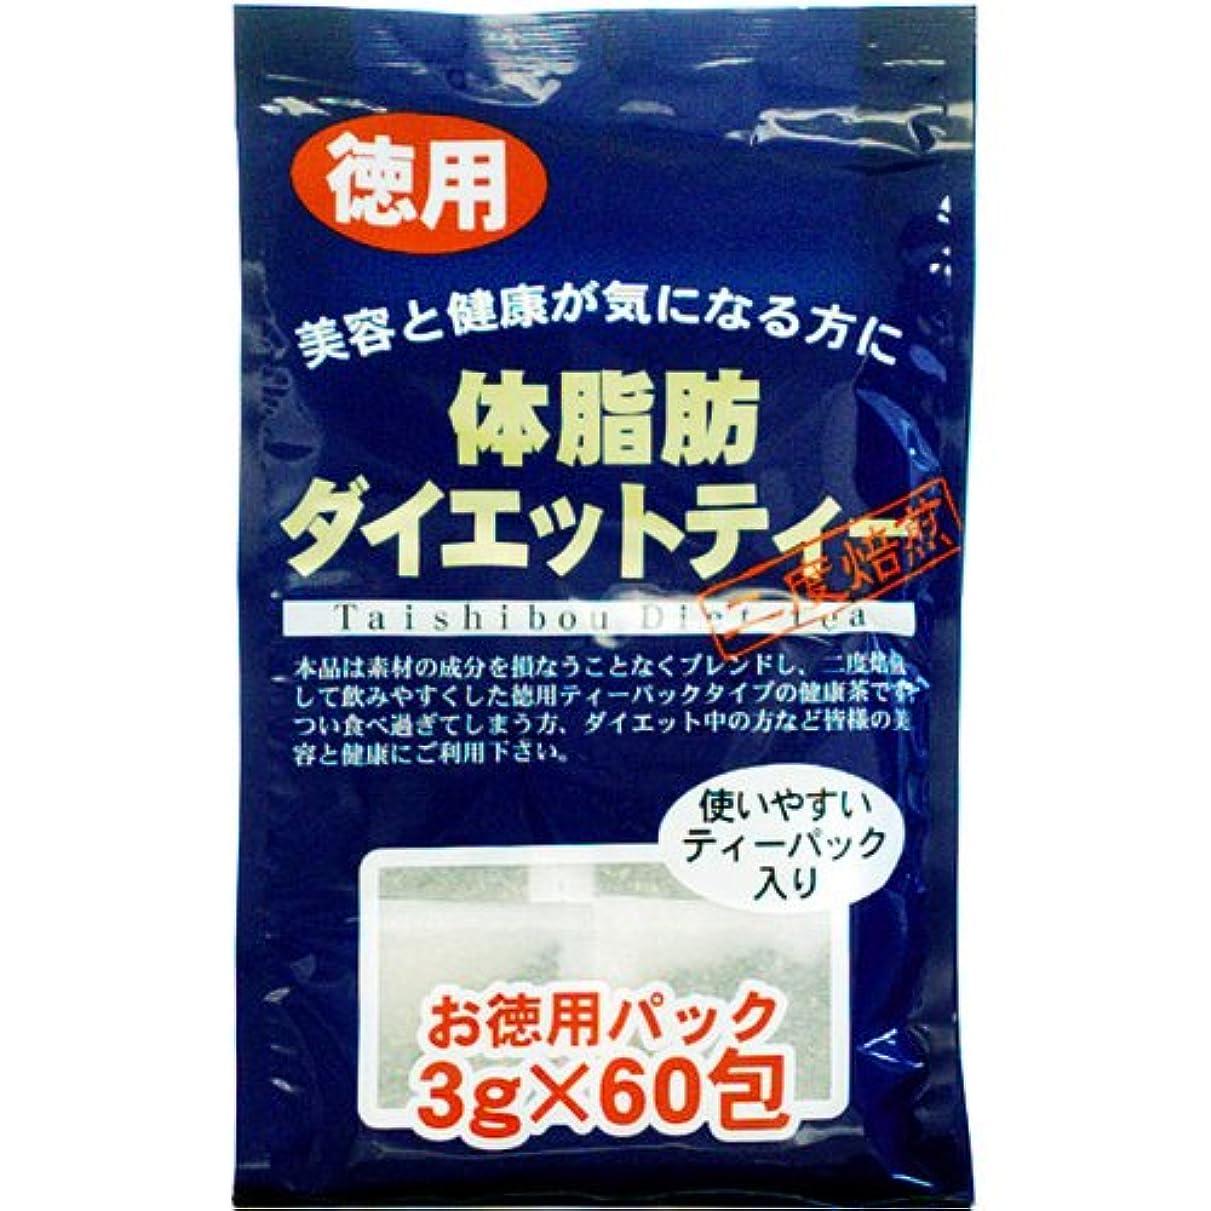 ユウキ製薬(株)徳用 体脂肪ダイエットティー